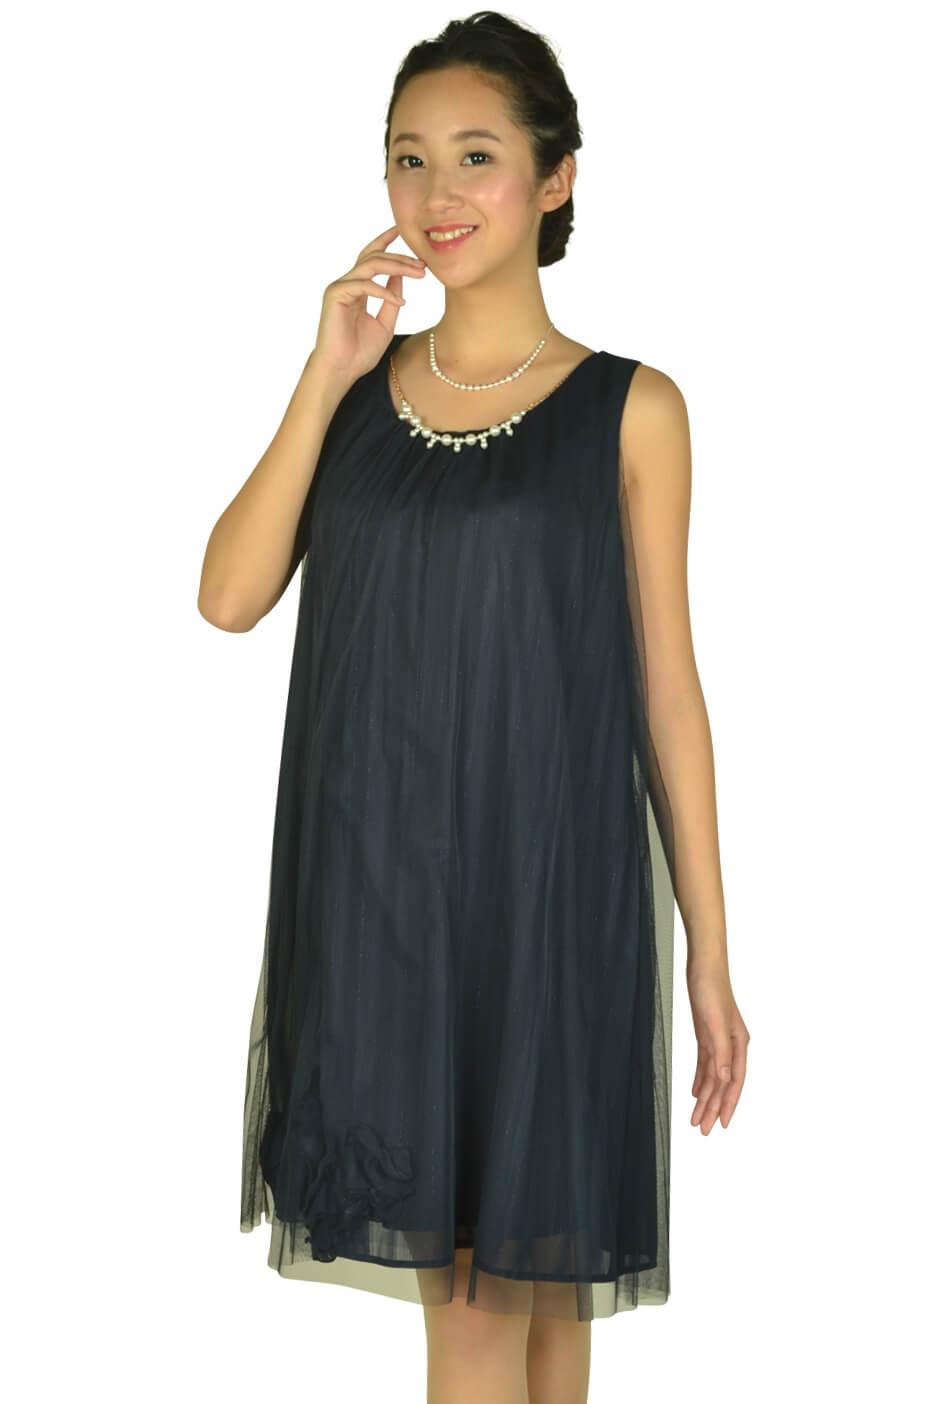 アシール(ASHILL)チュールストライプネイビードレス